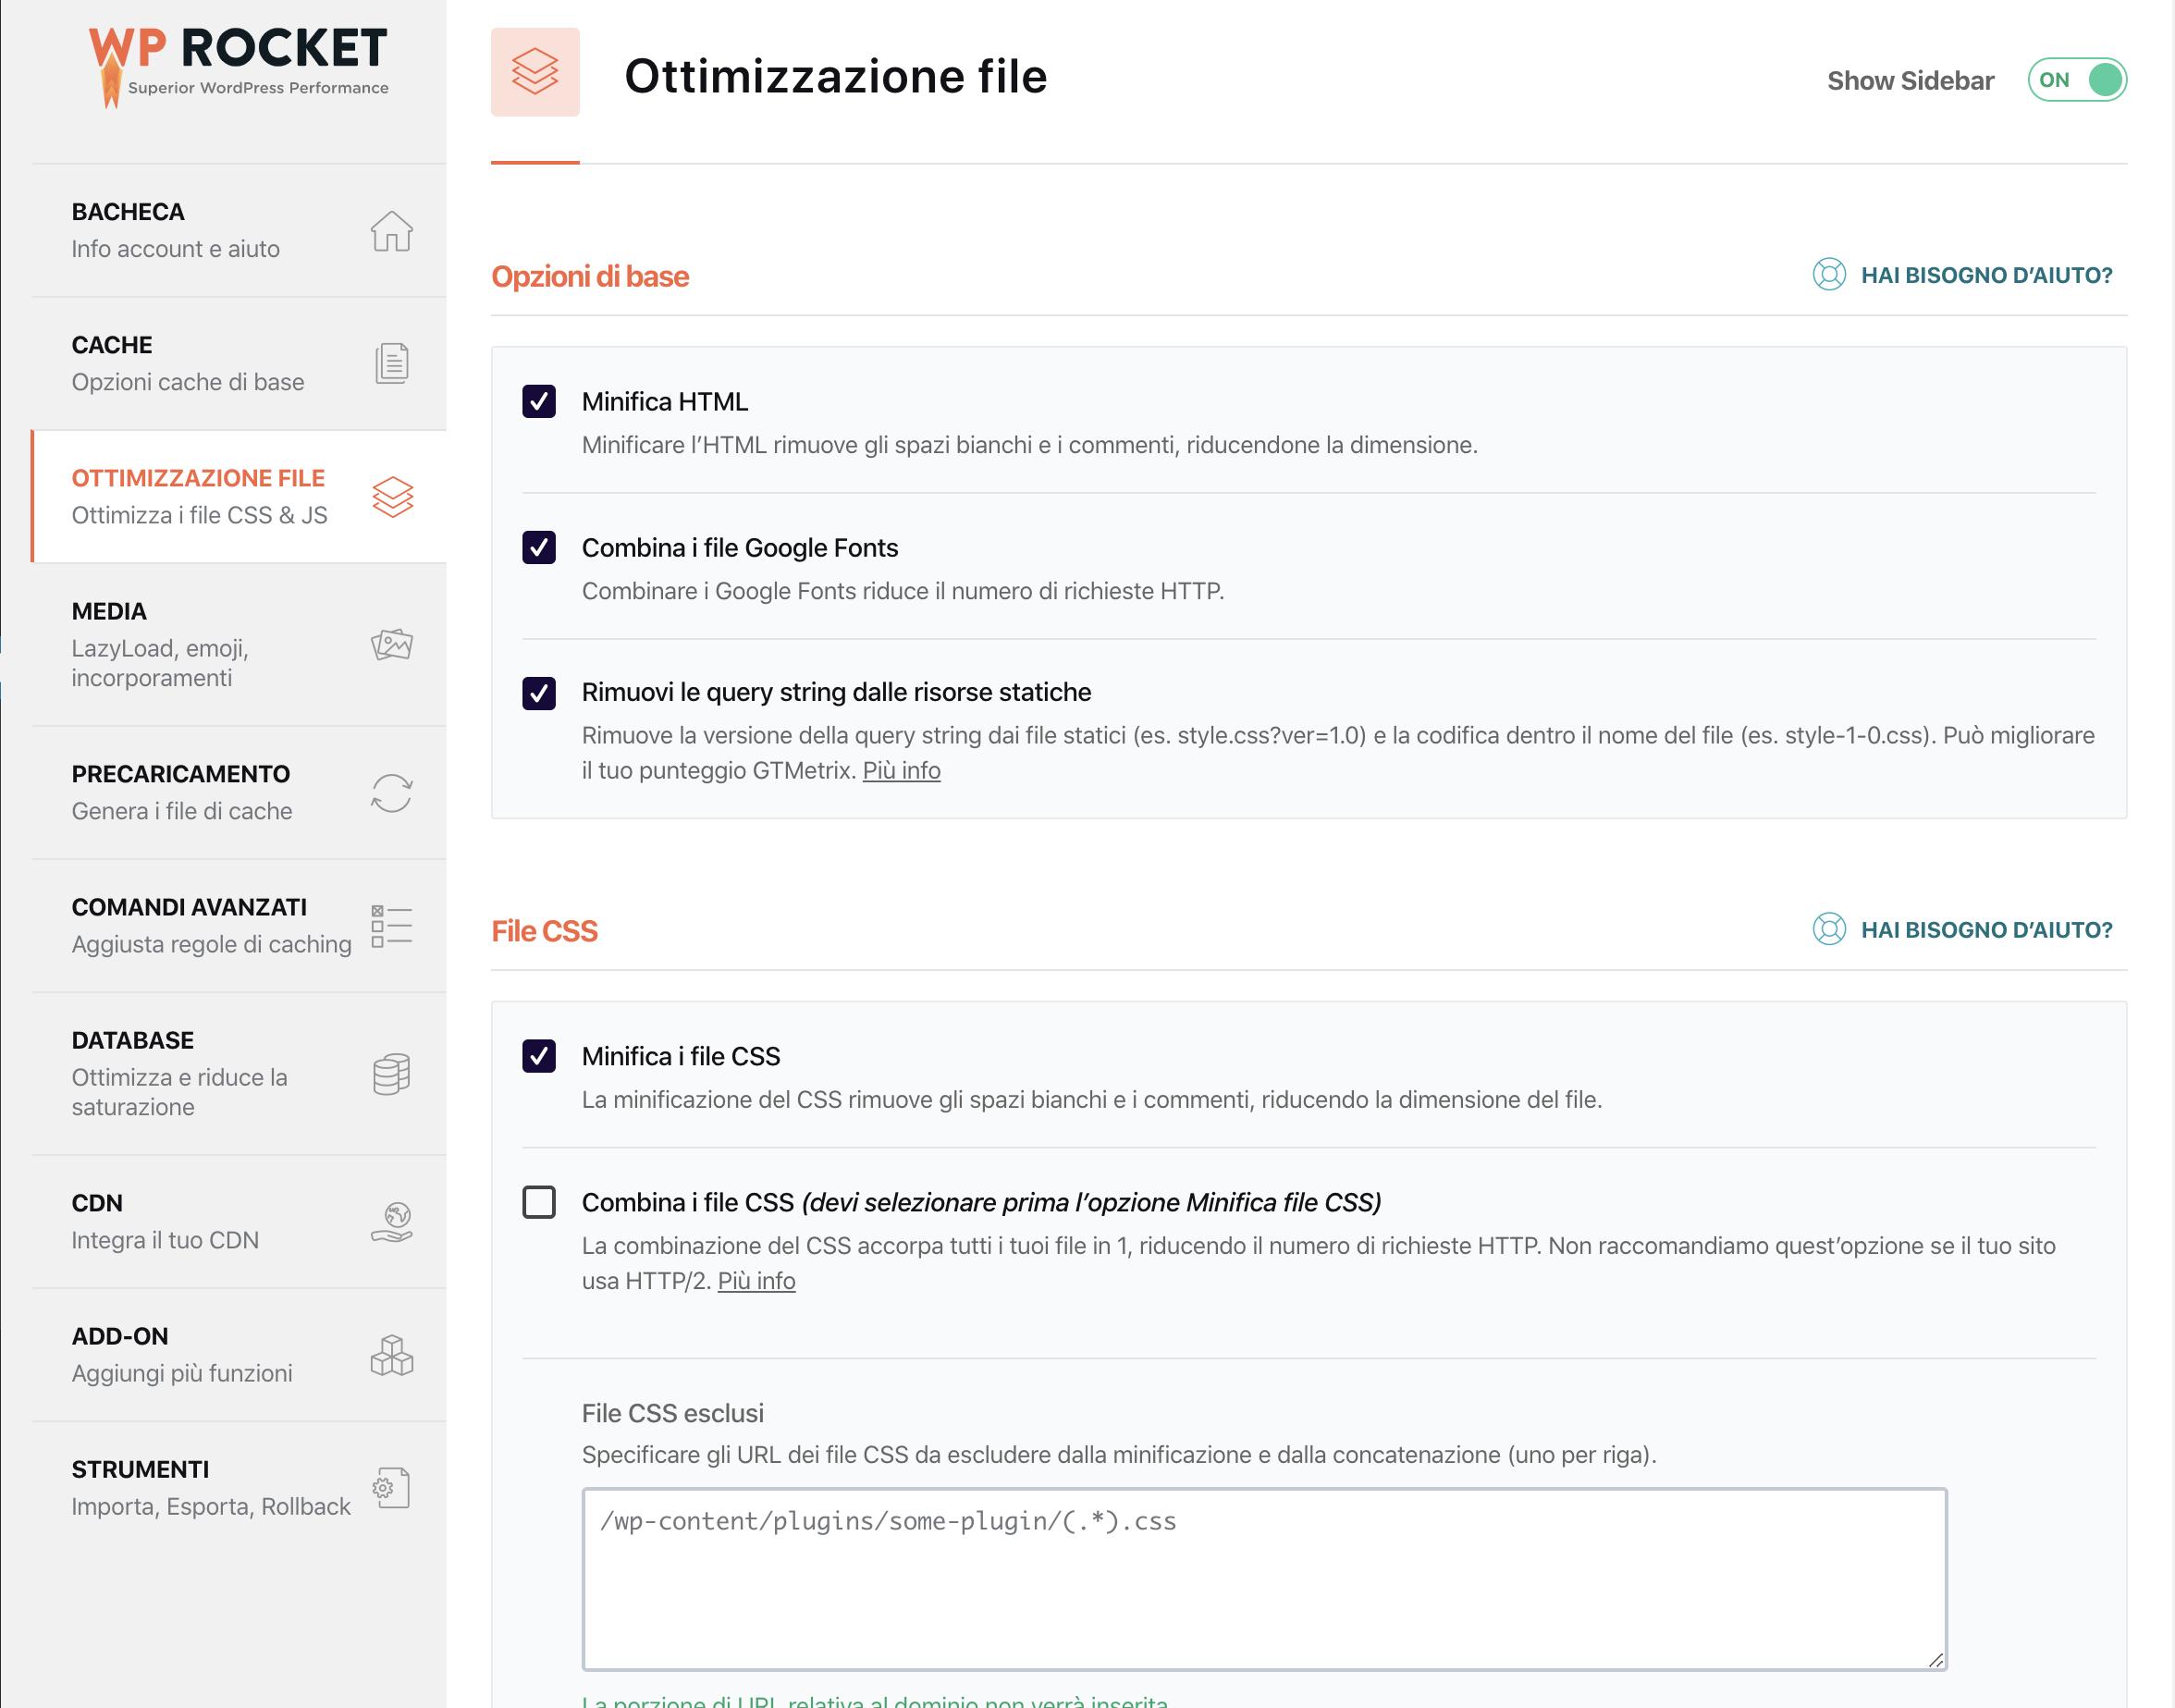 configurare wp-rocket ottimizzazione file